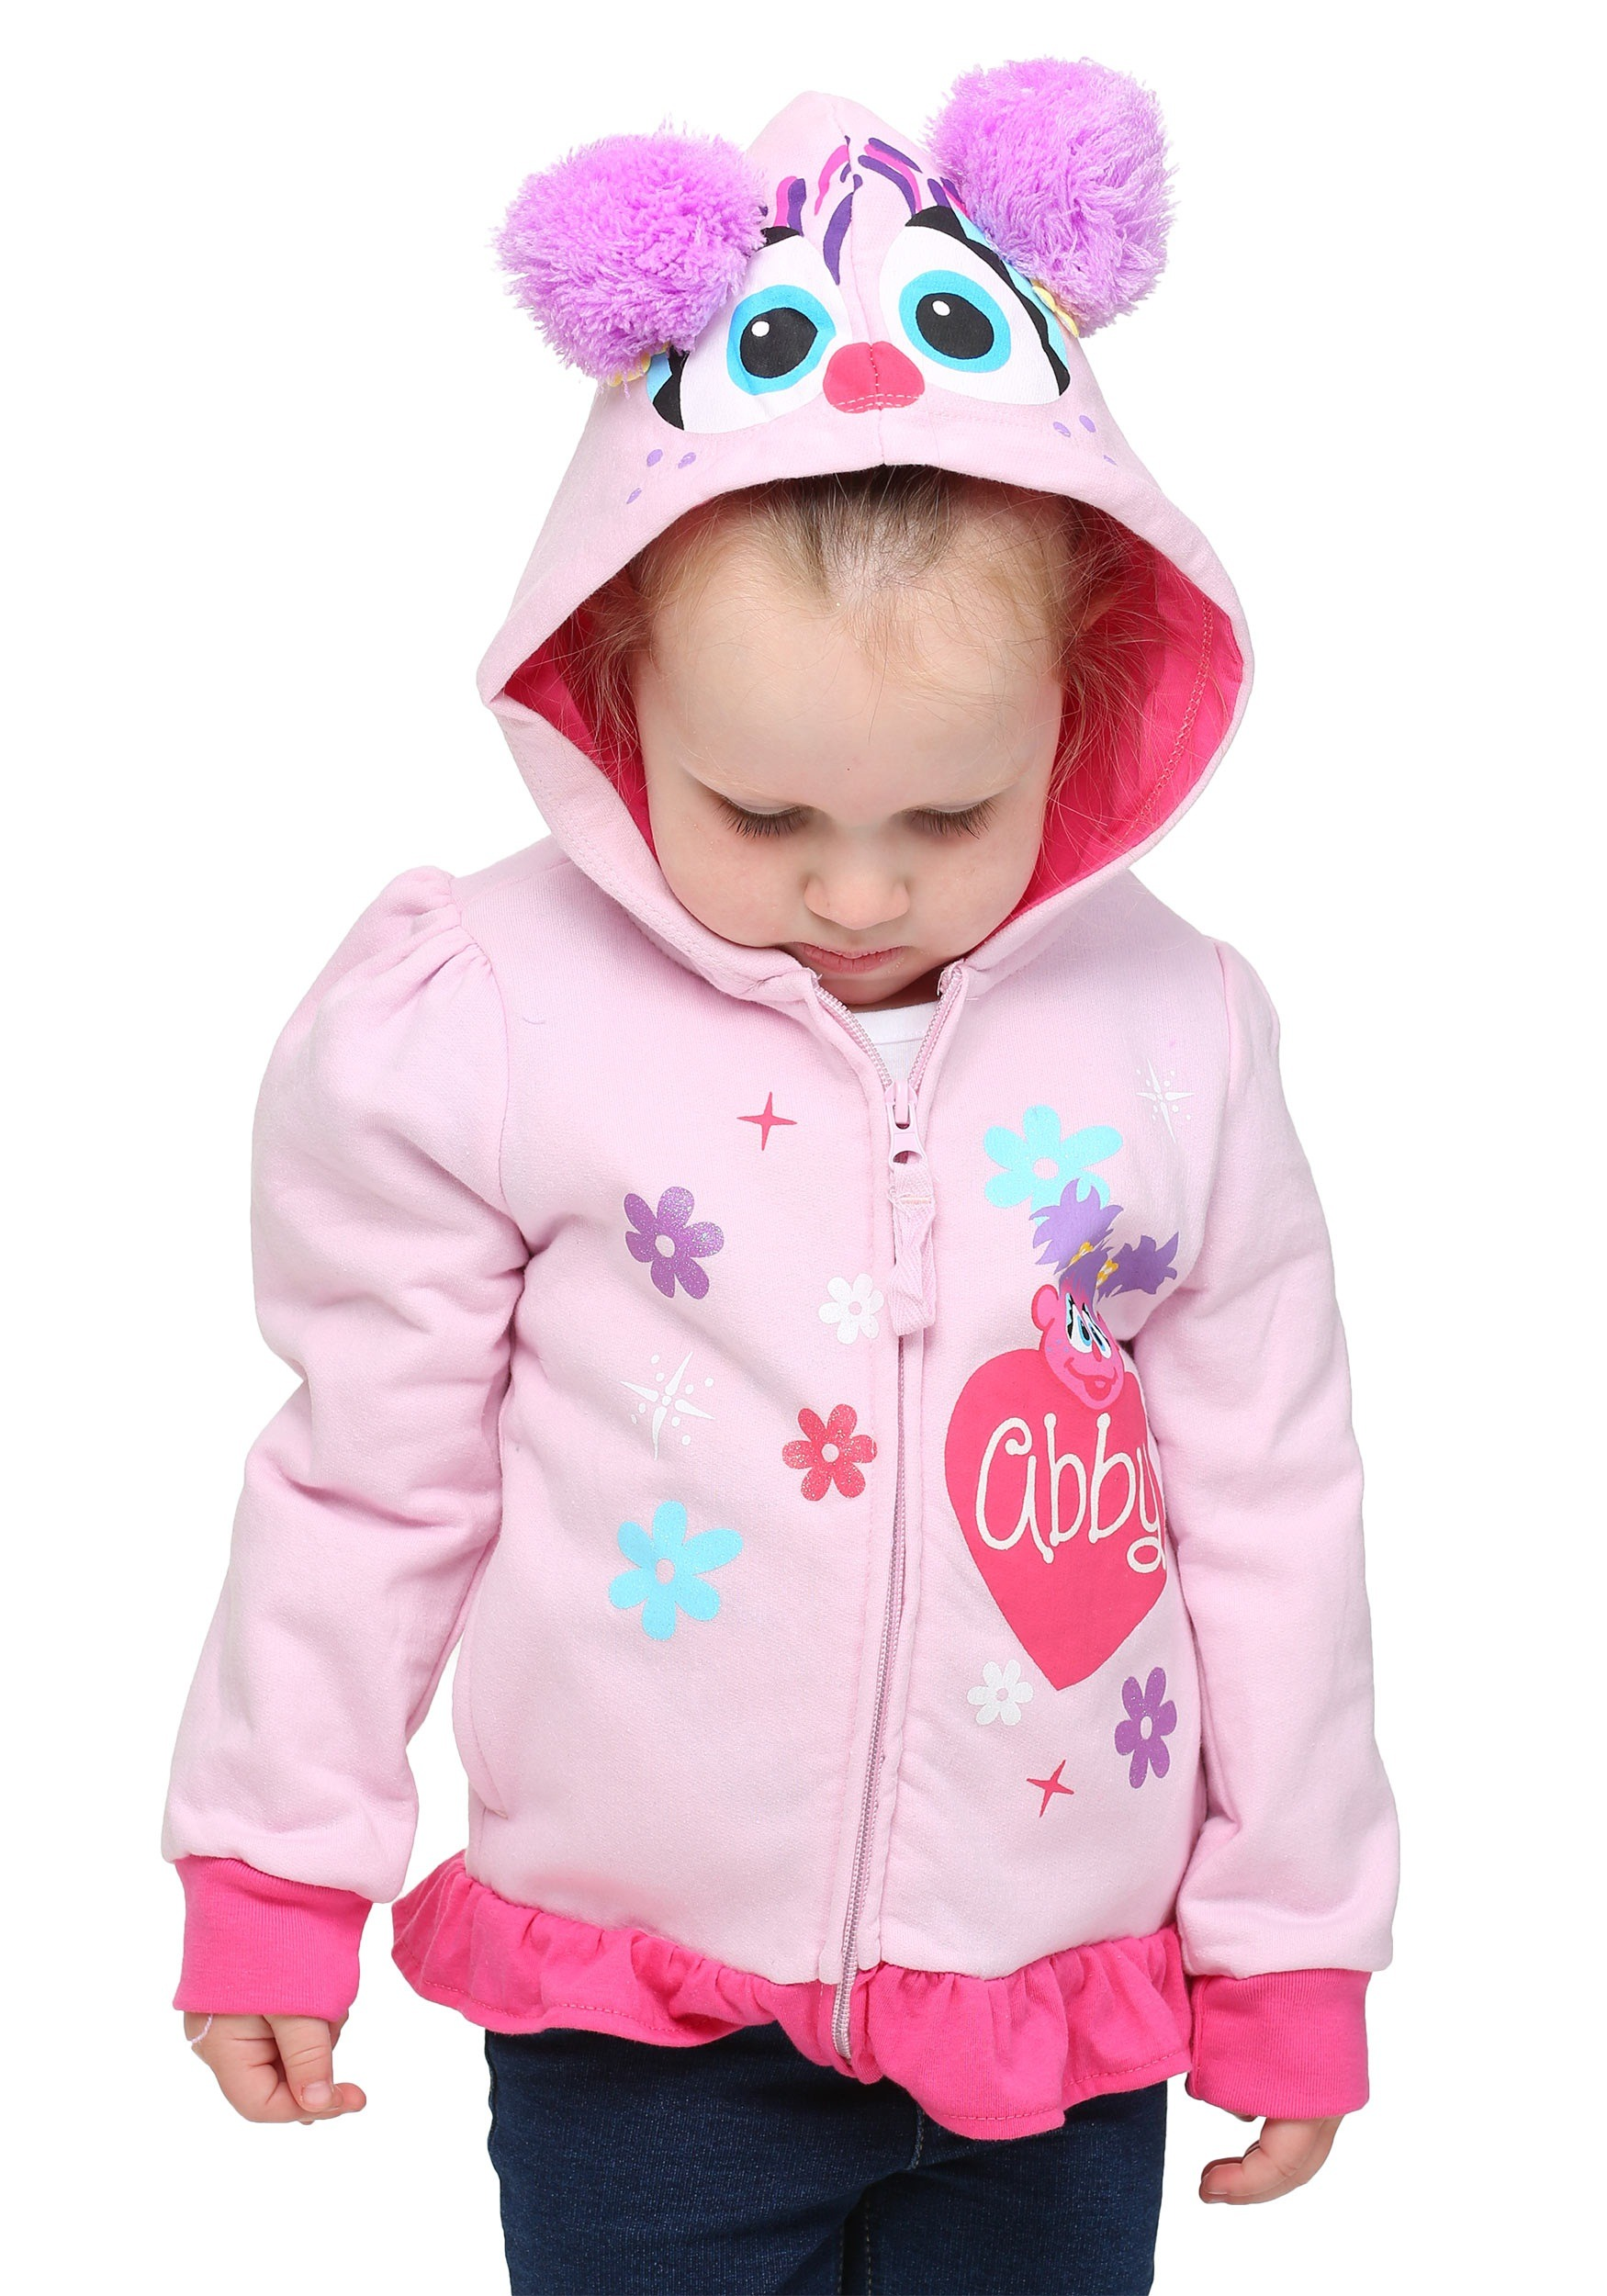 Toddler girls hoodies